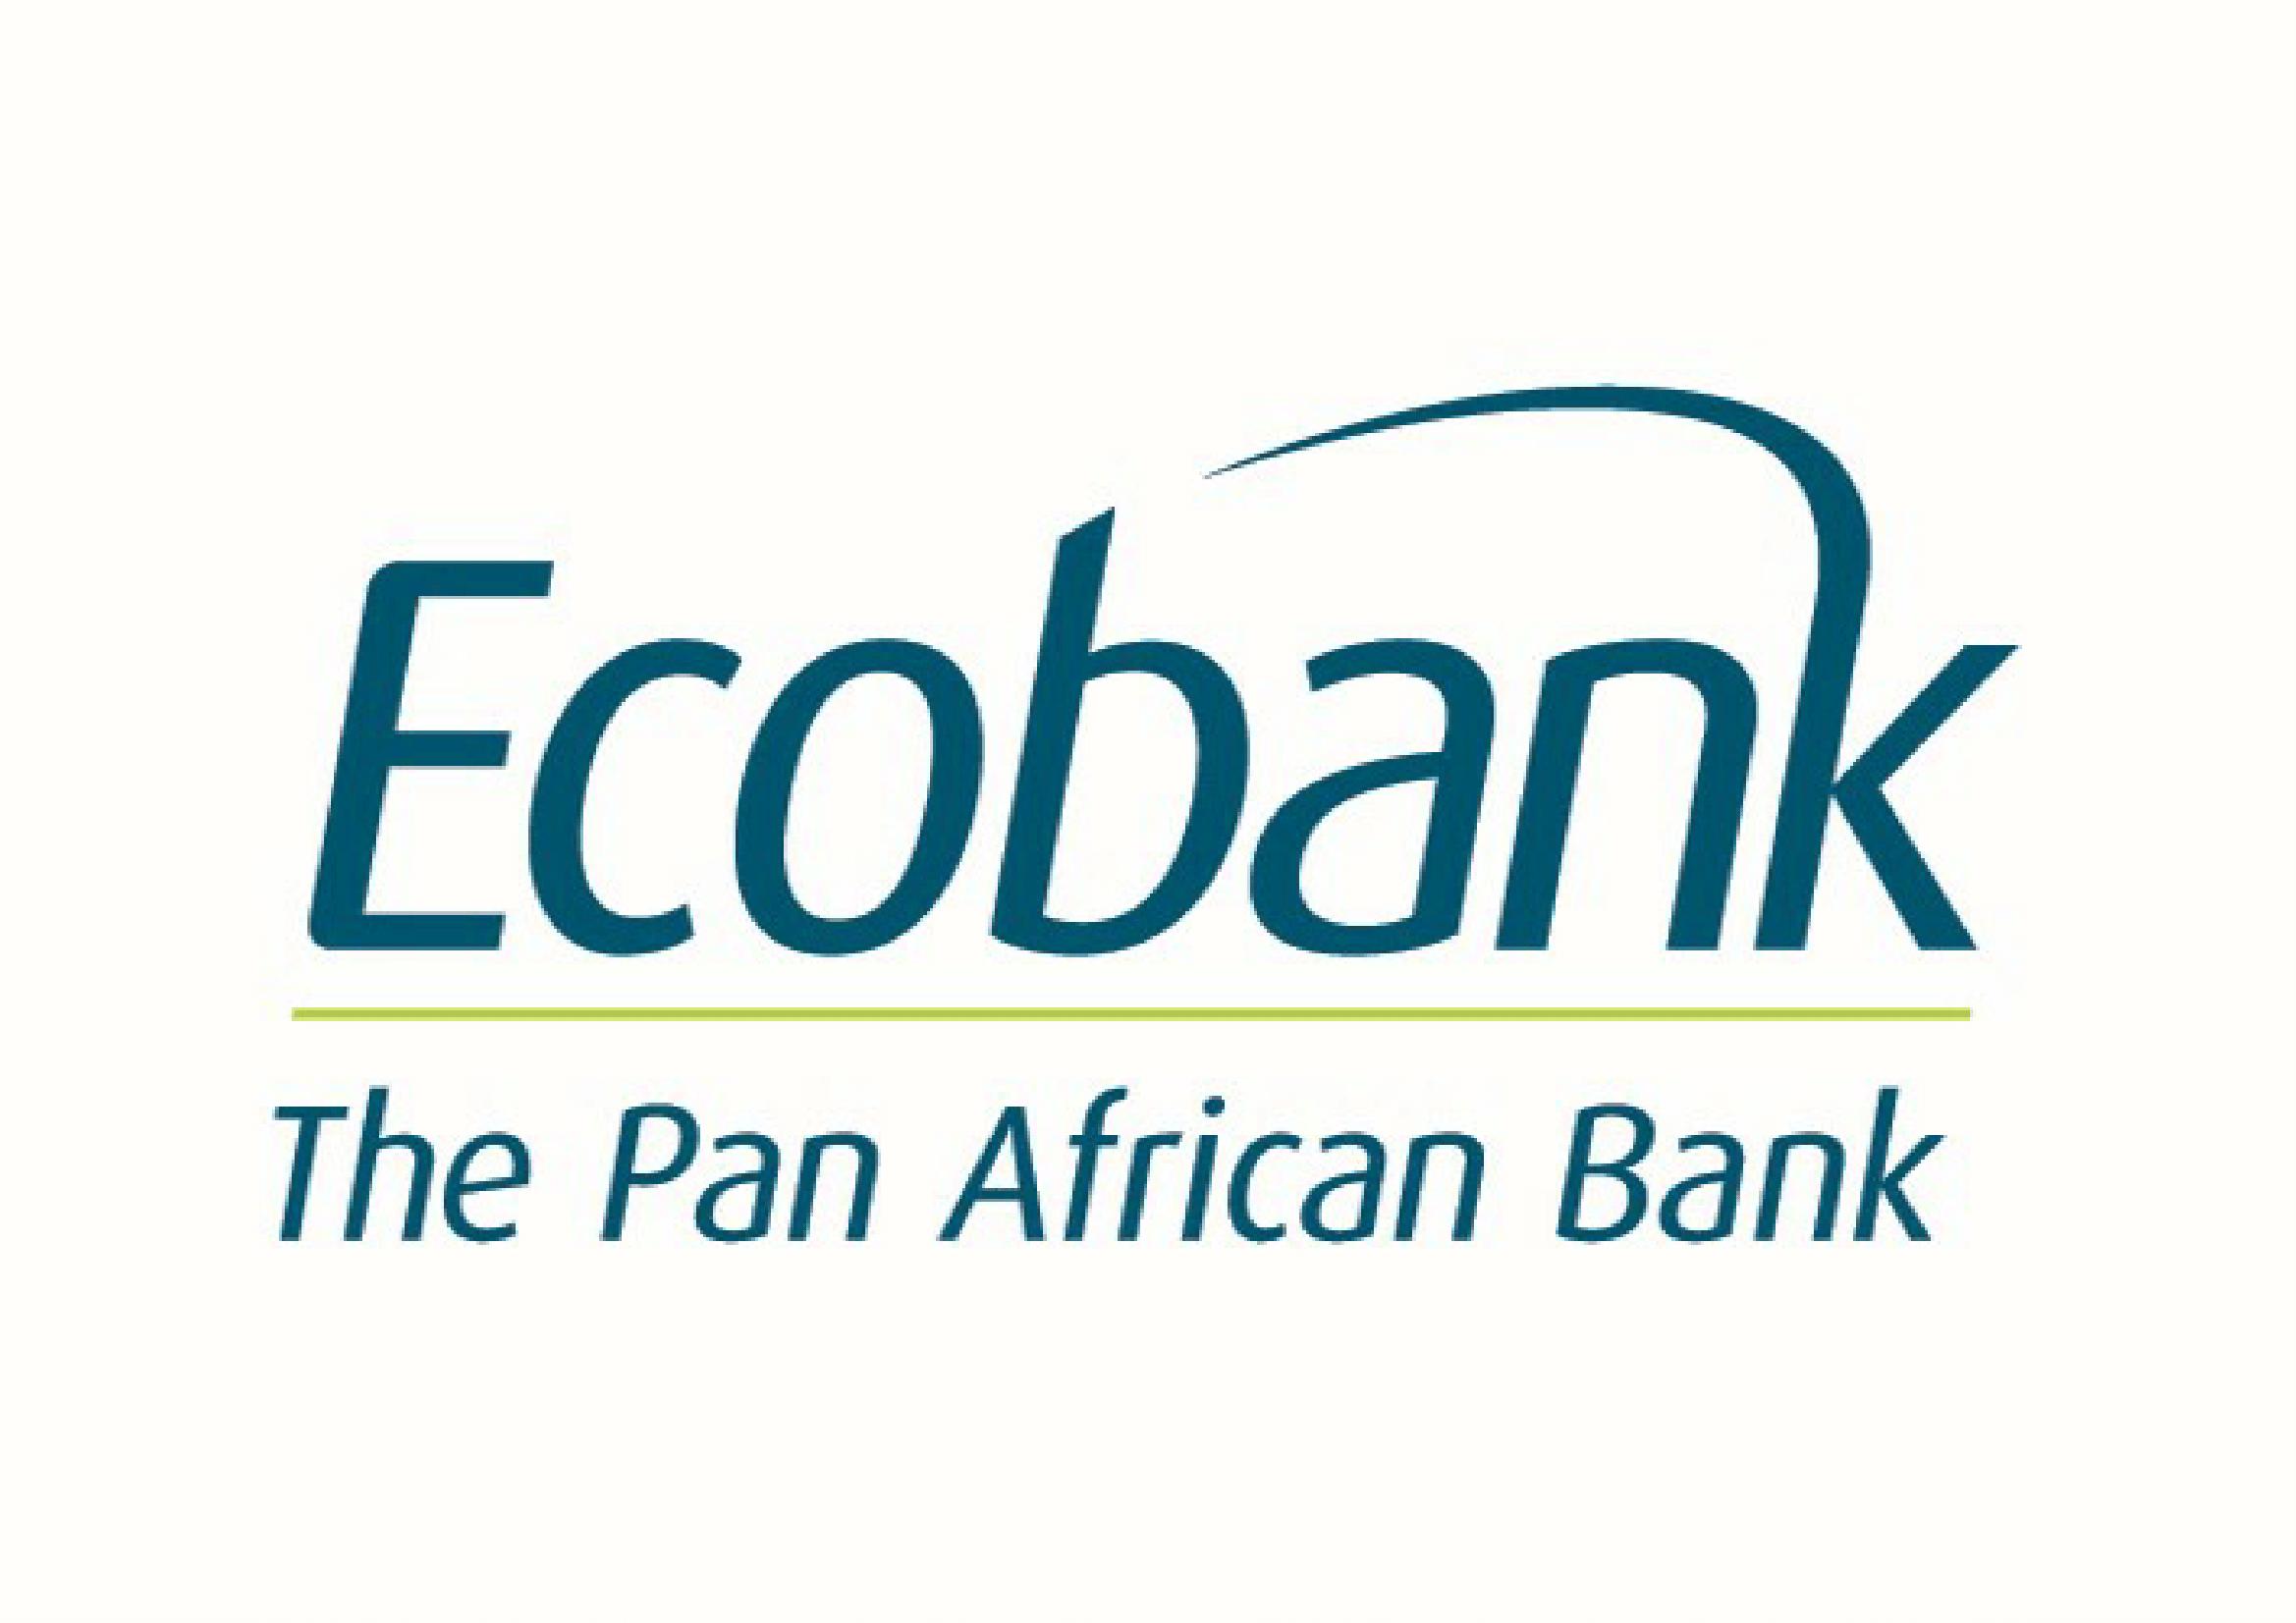 ECOBANK Logo-1.png